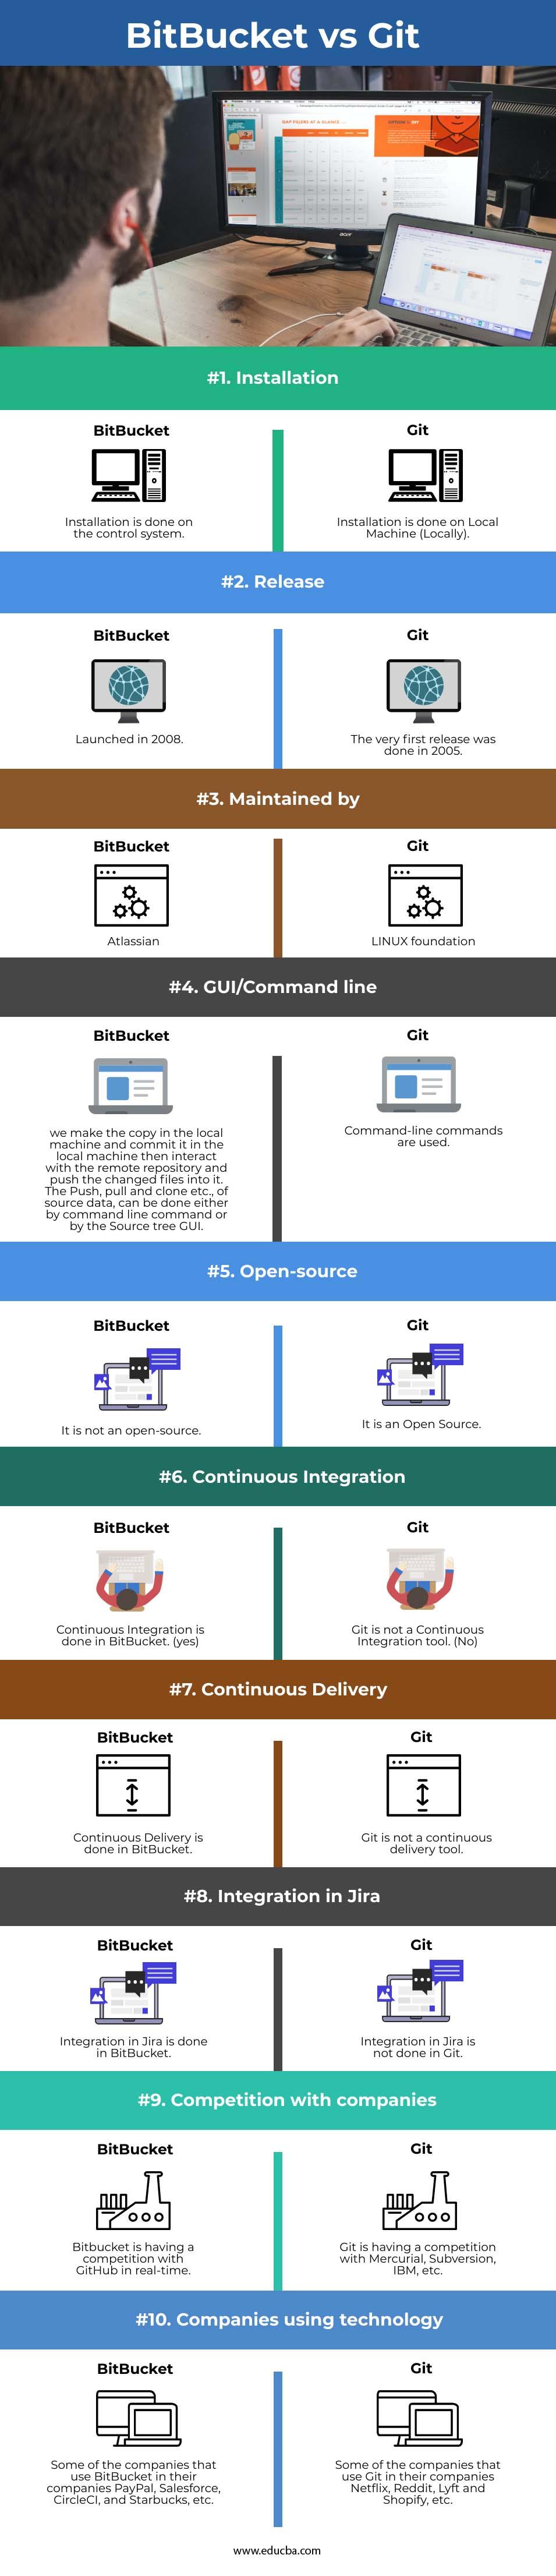 BitBucket vs Git info